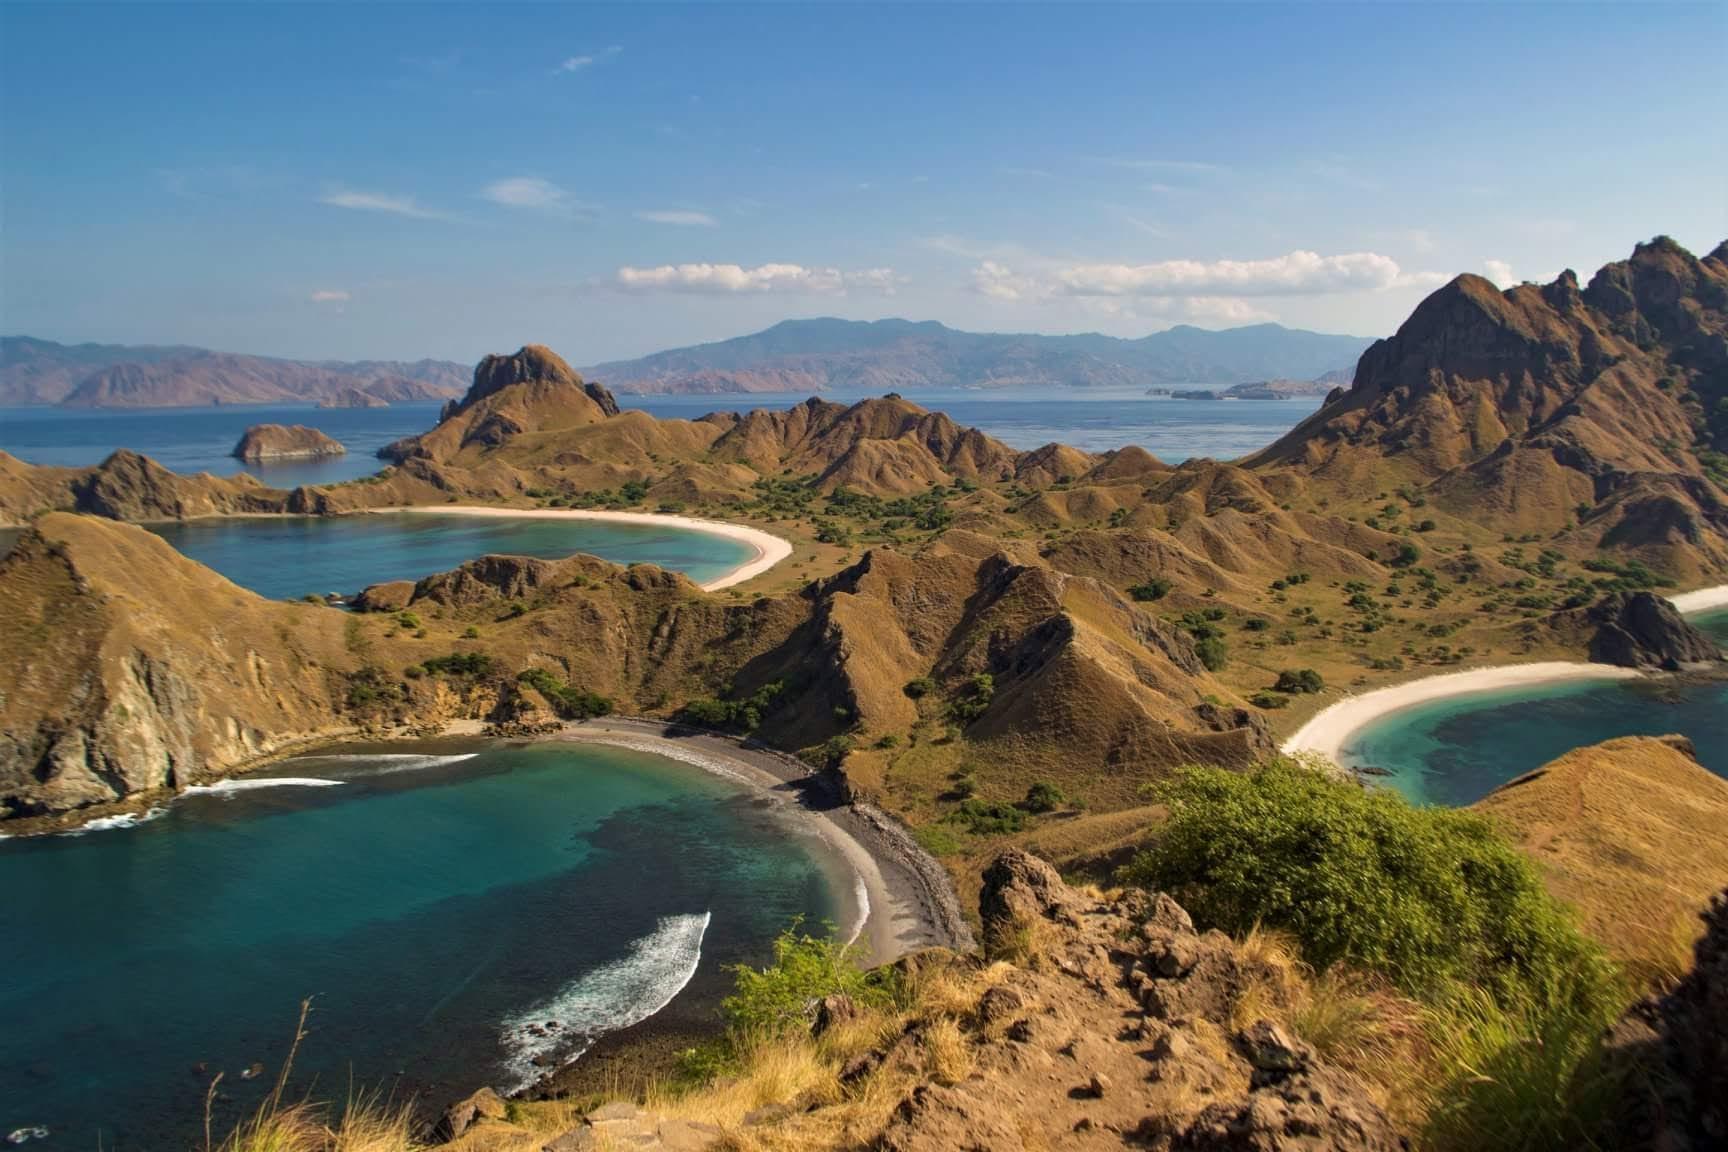 Taman Nasional di Indonesia - Pulau Komod